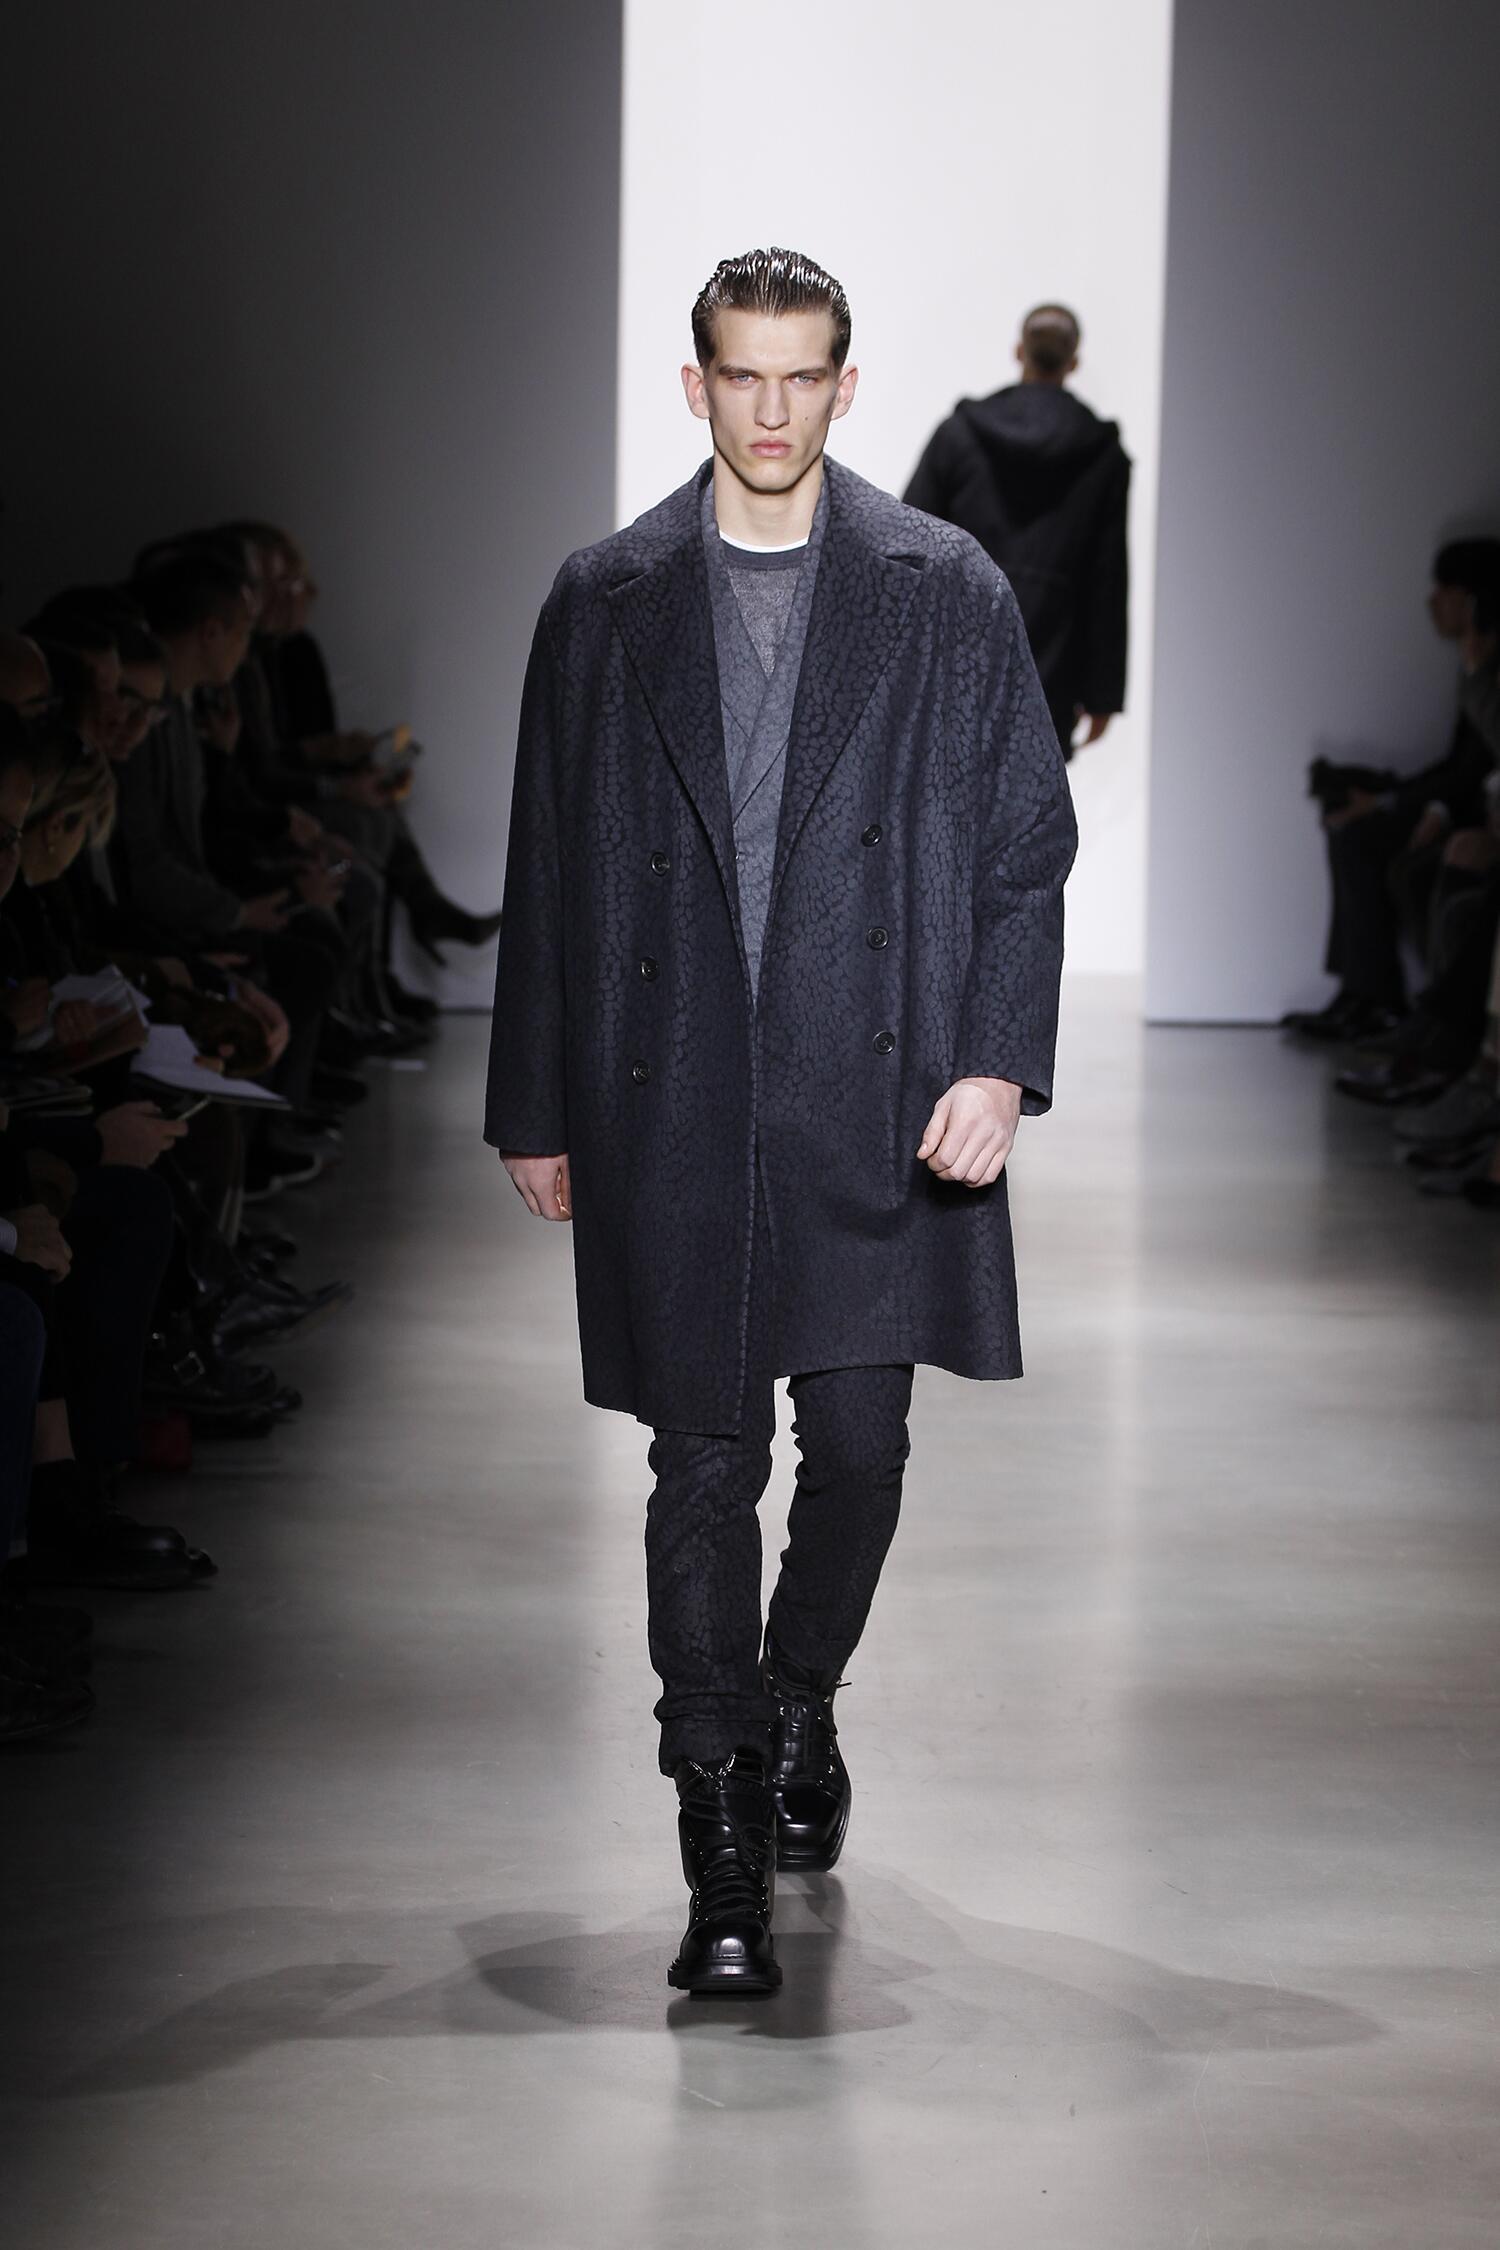 Fall Winter 2015 16 Fashion Men's Collection Calvin Klein